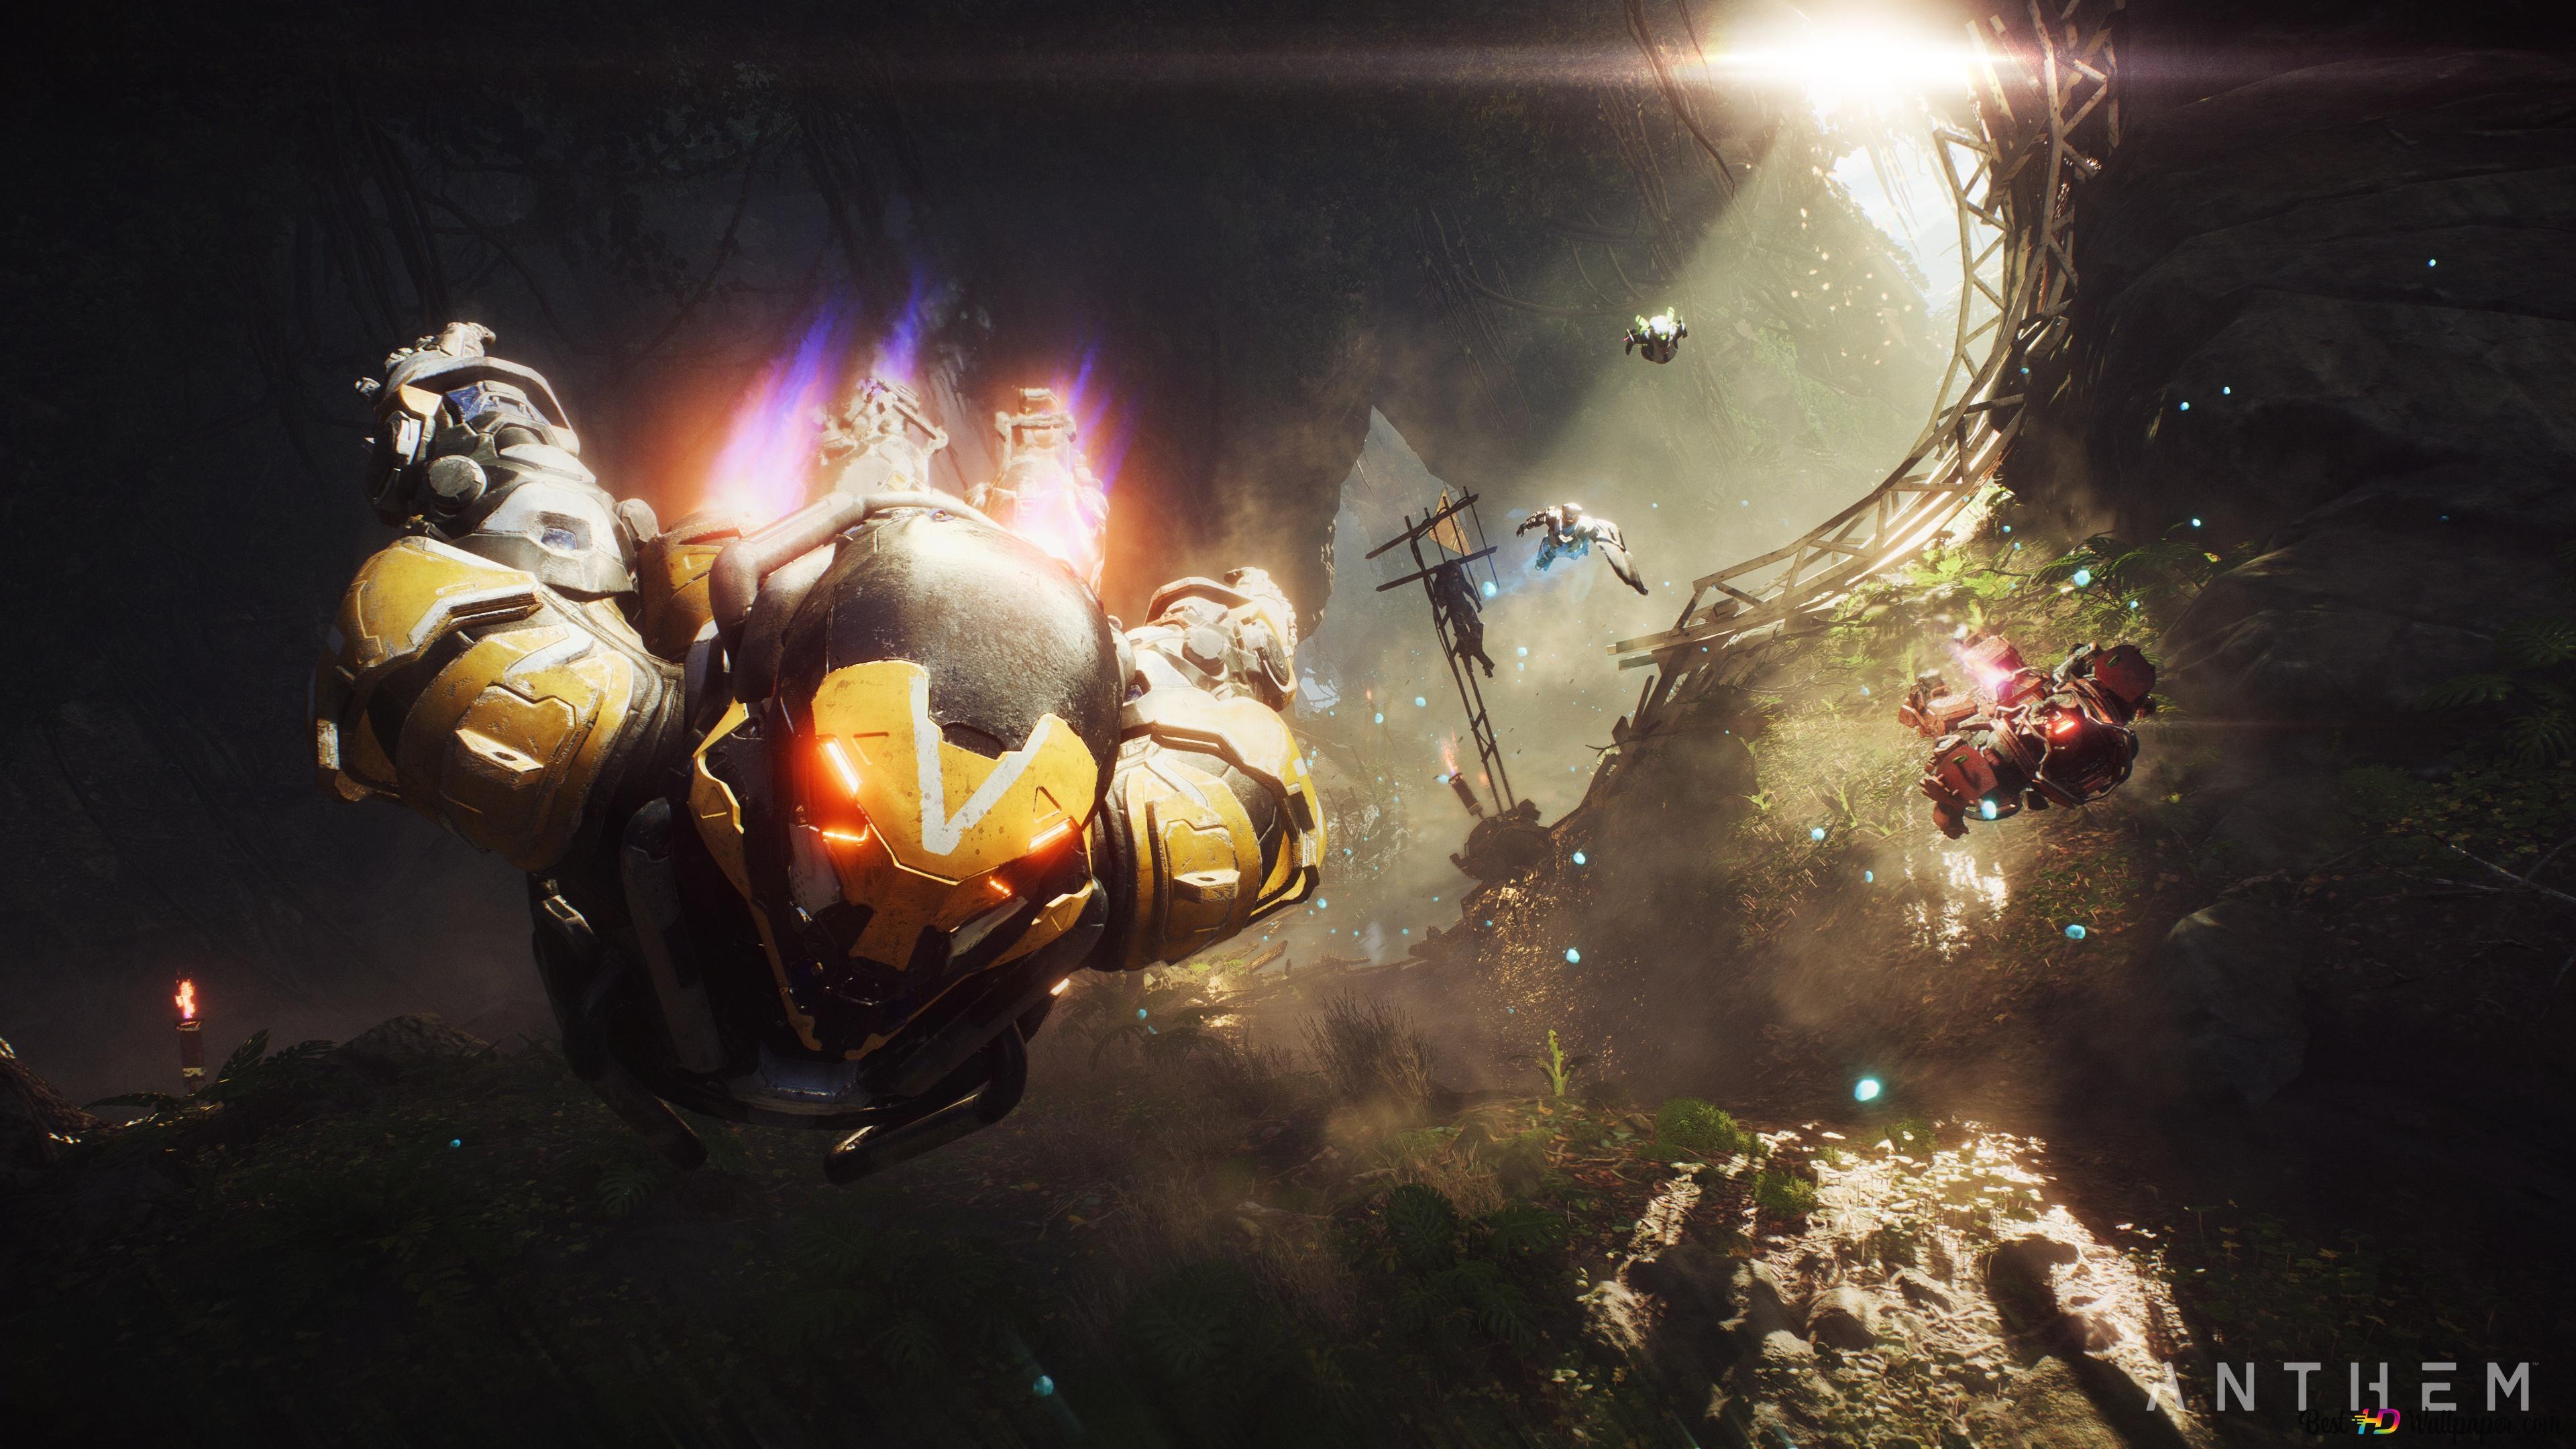 Underwater of Anthem HD wallpaper download